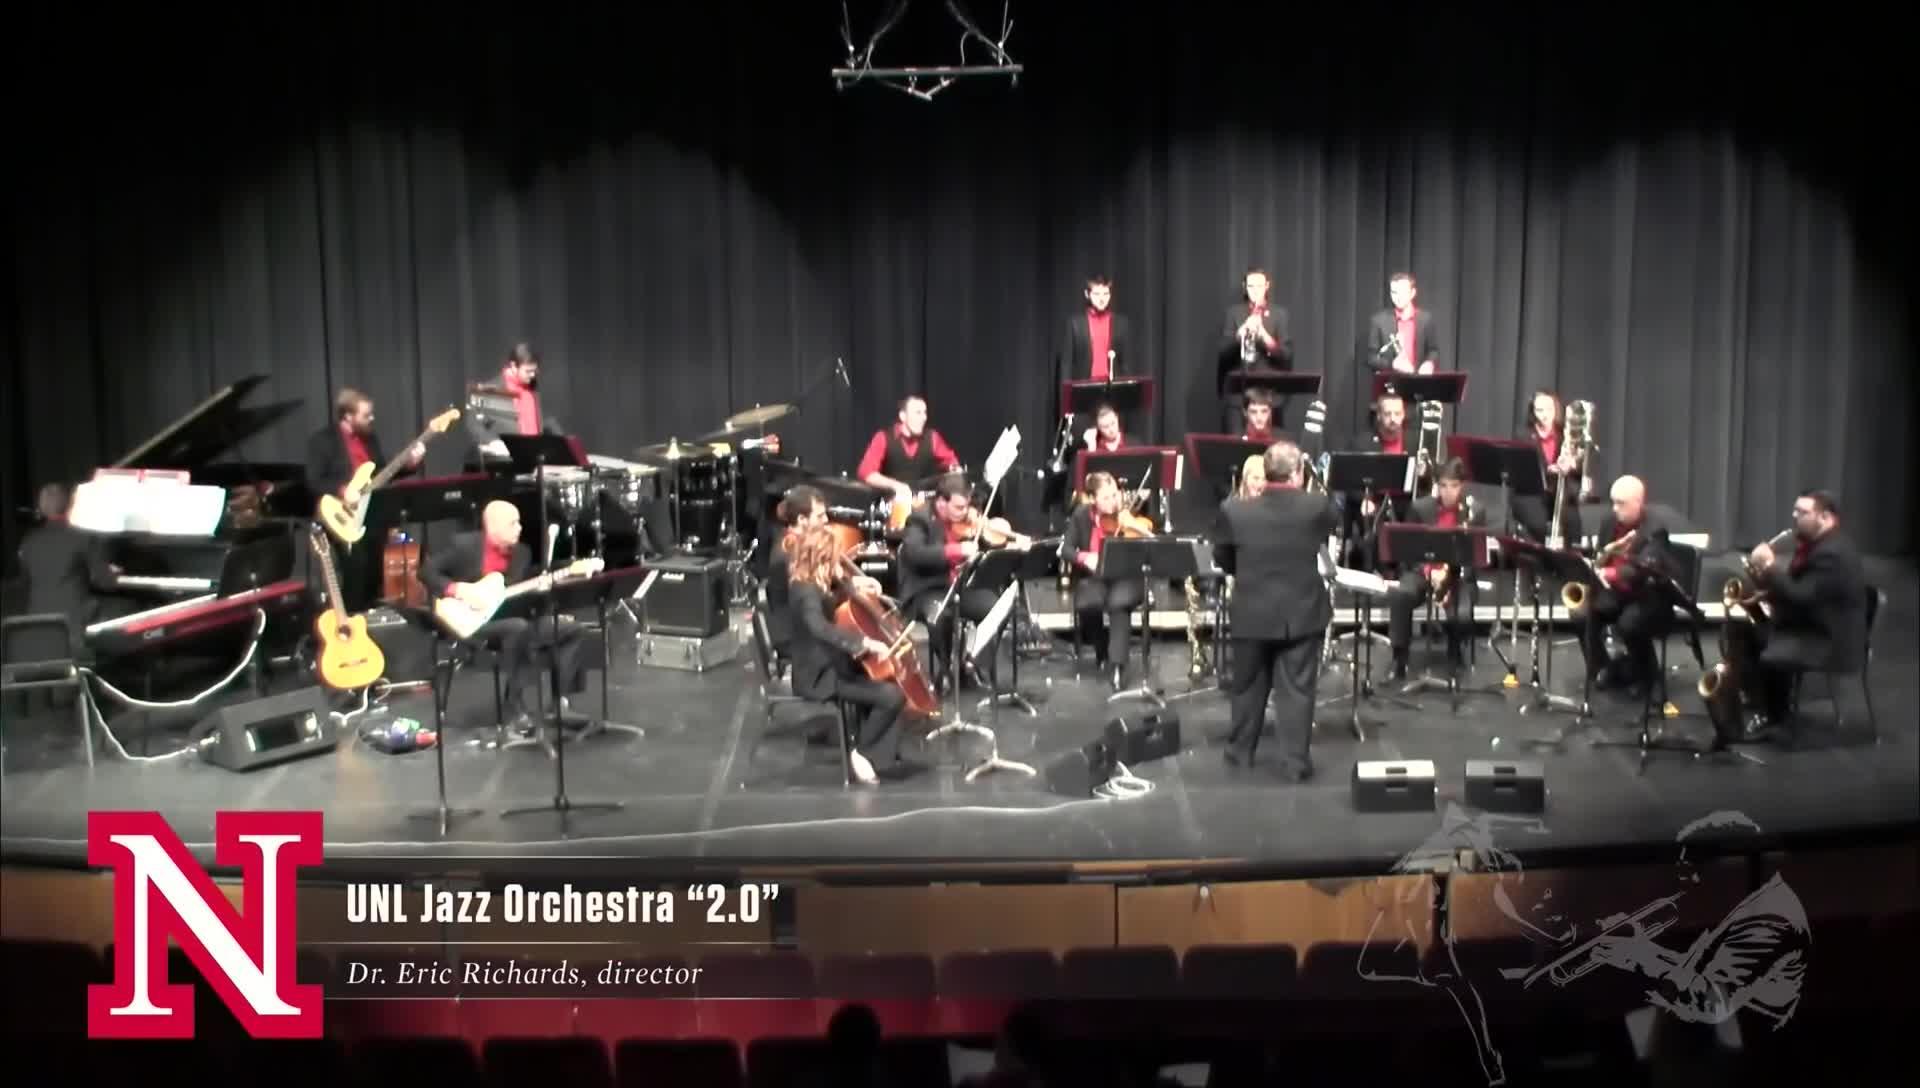 """UNL Jazz Orchestra """"2.0"""" - SAFE HAVEN"""